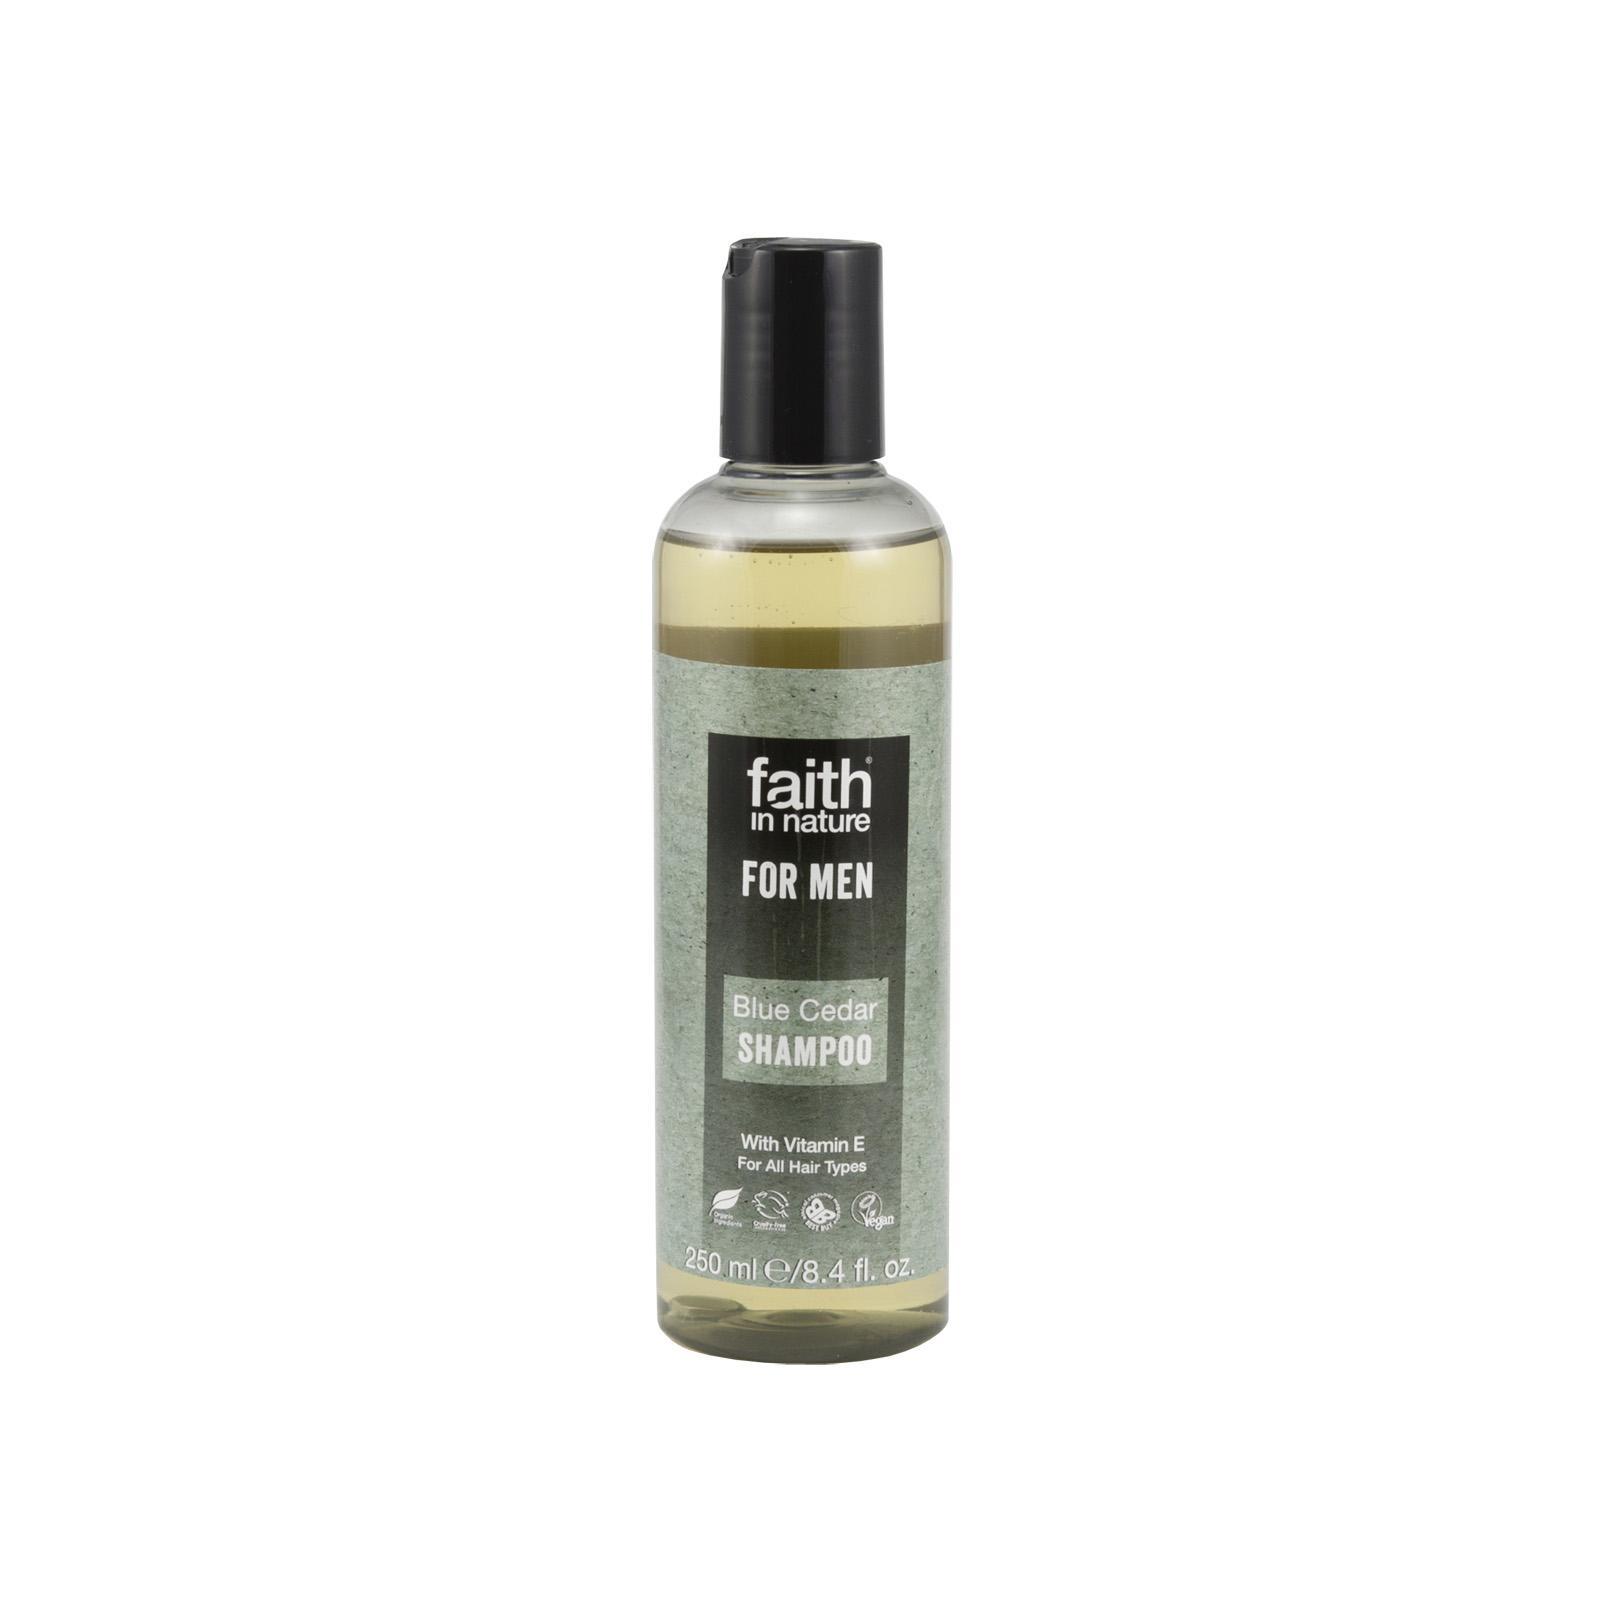 Faith in Nature Šampon modrý cedr, Faith for men 250 ml